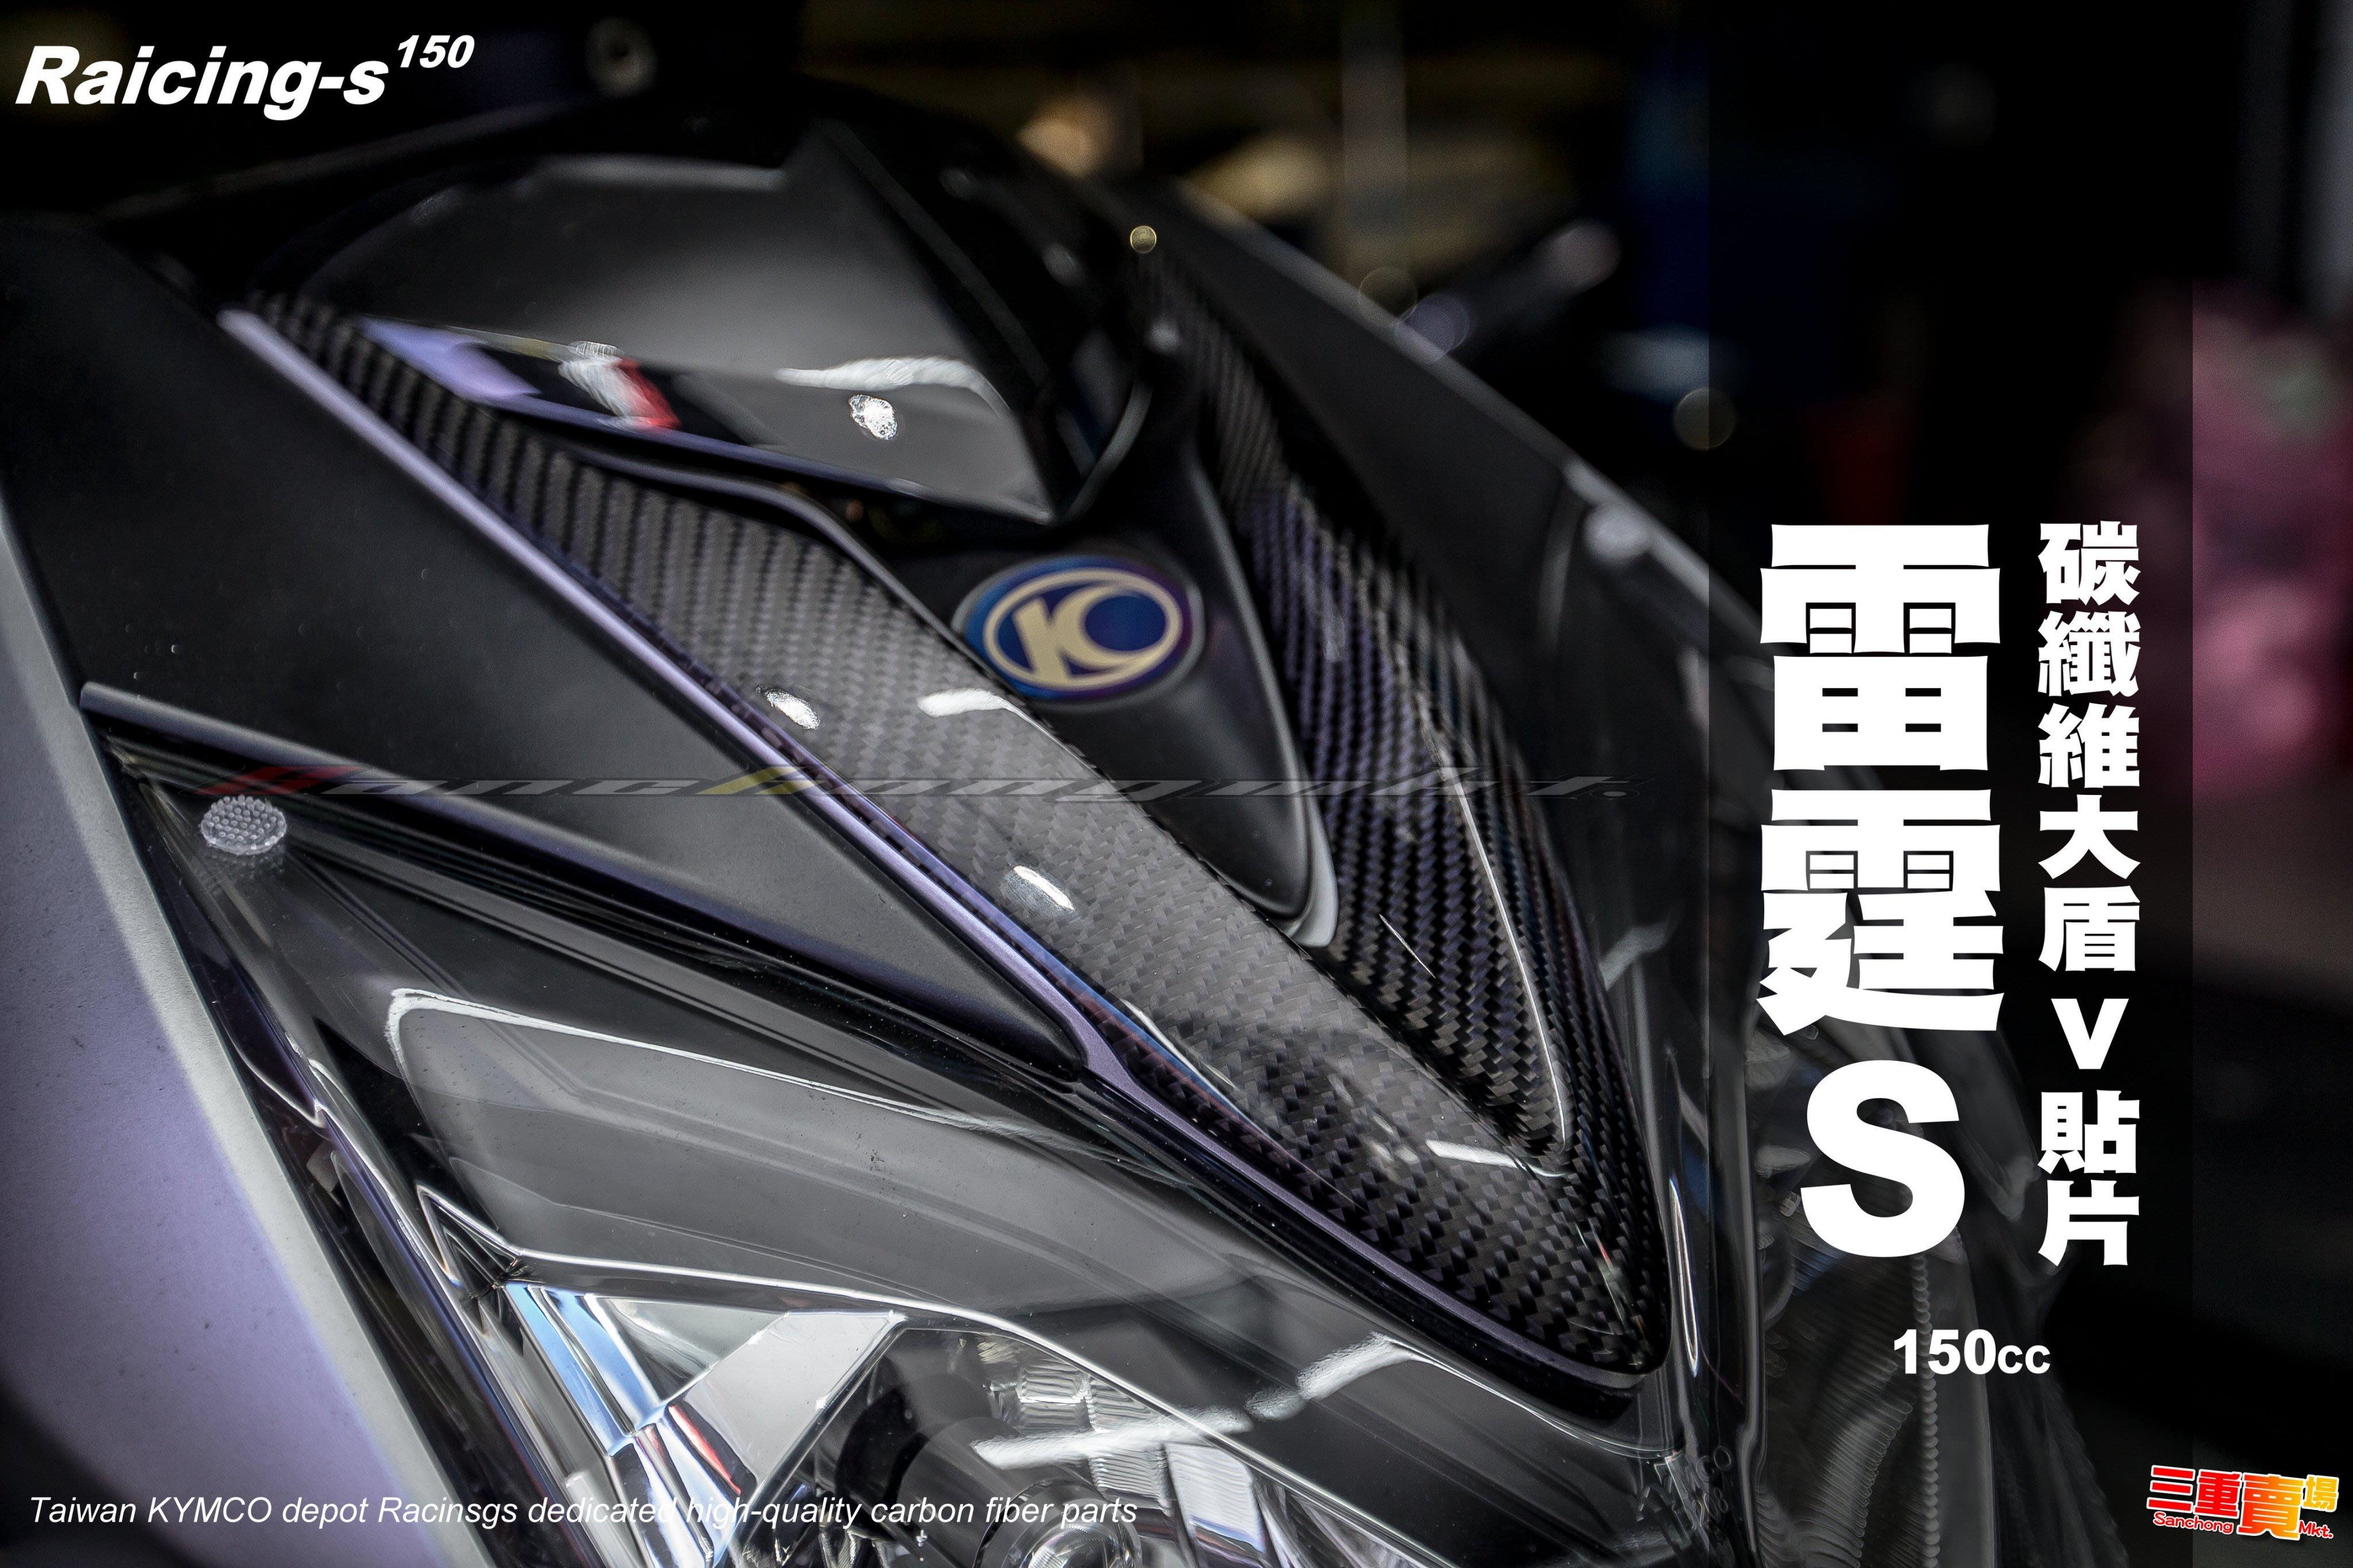 三重賣場 雷霆s 150 專用 碳纖維大盾 v型貼片 大盾貼片 大盾飾貼 卡夢 racings150 非水轉印